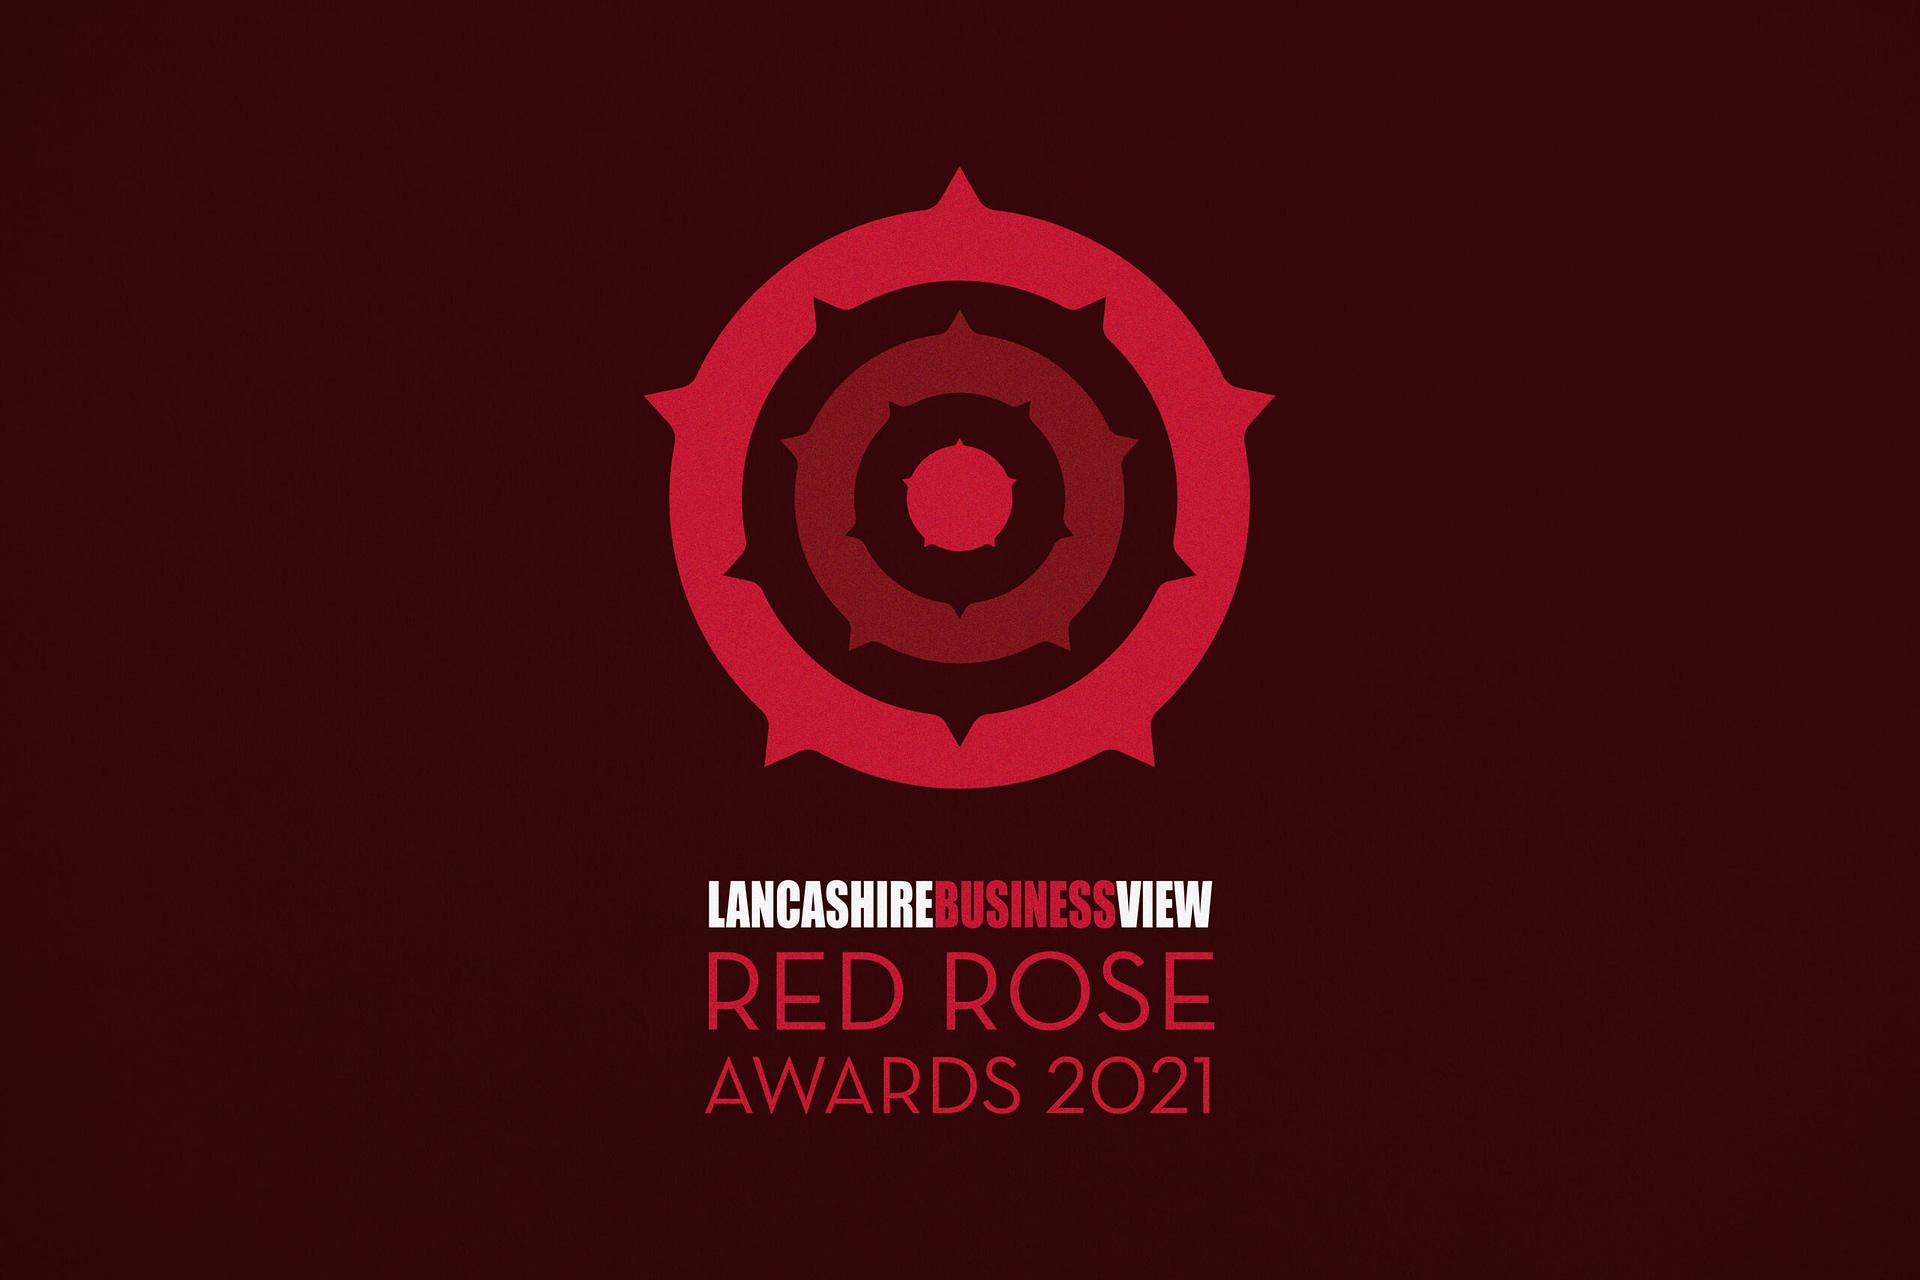 Red Rose Awards Branding Logo Design Identity